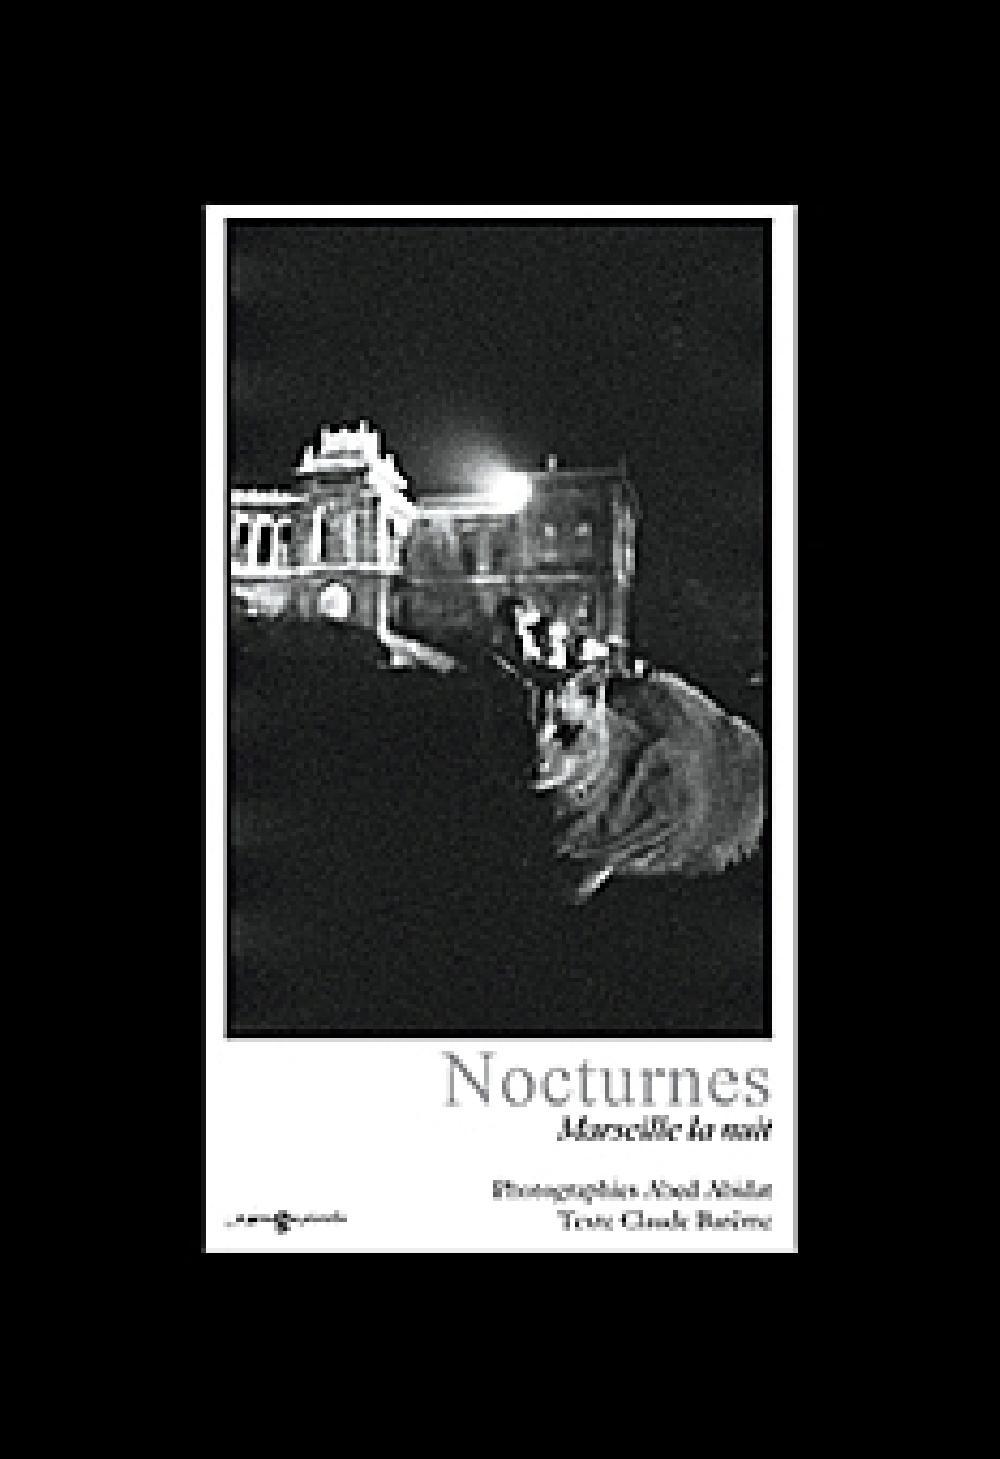 Nocturnes Marseille la nuit